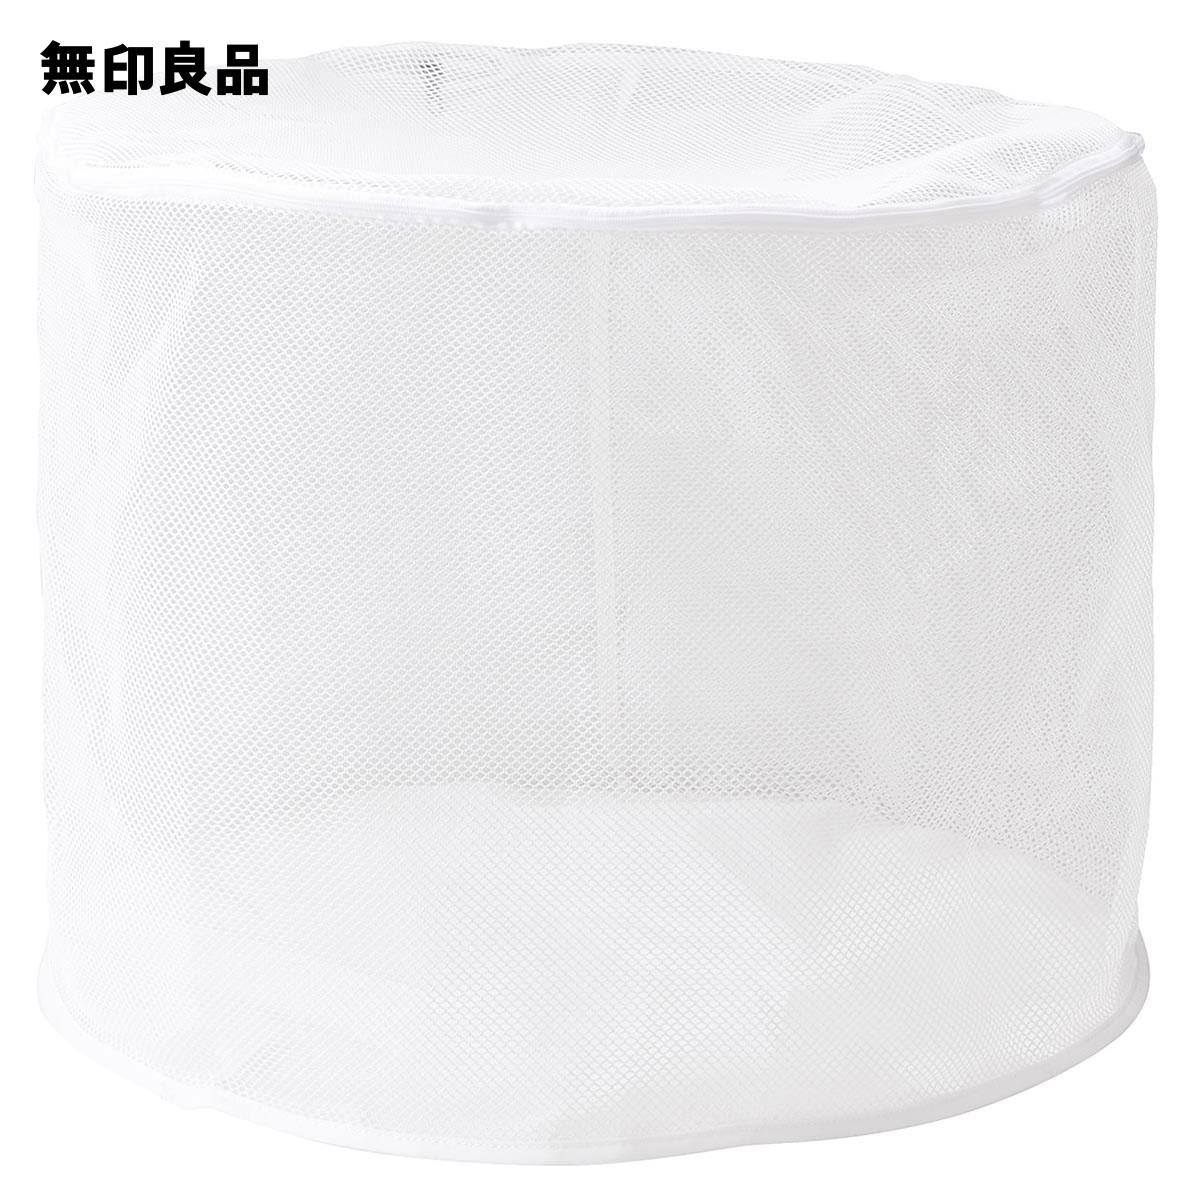 両面使える洗濯ネット 大物用・約直径47×高さ37cm